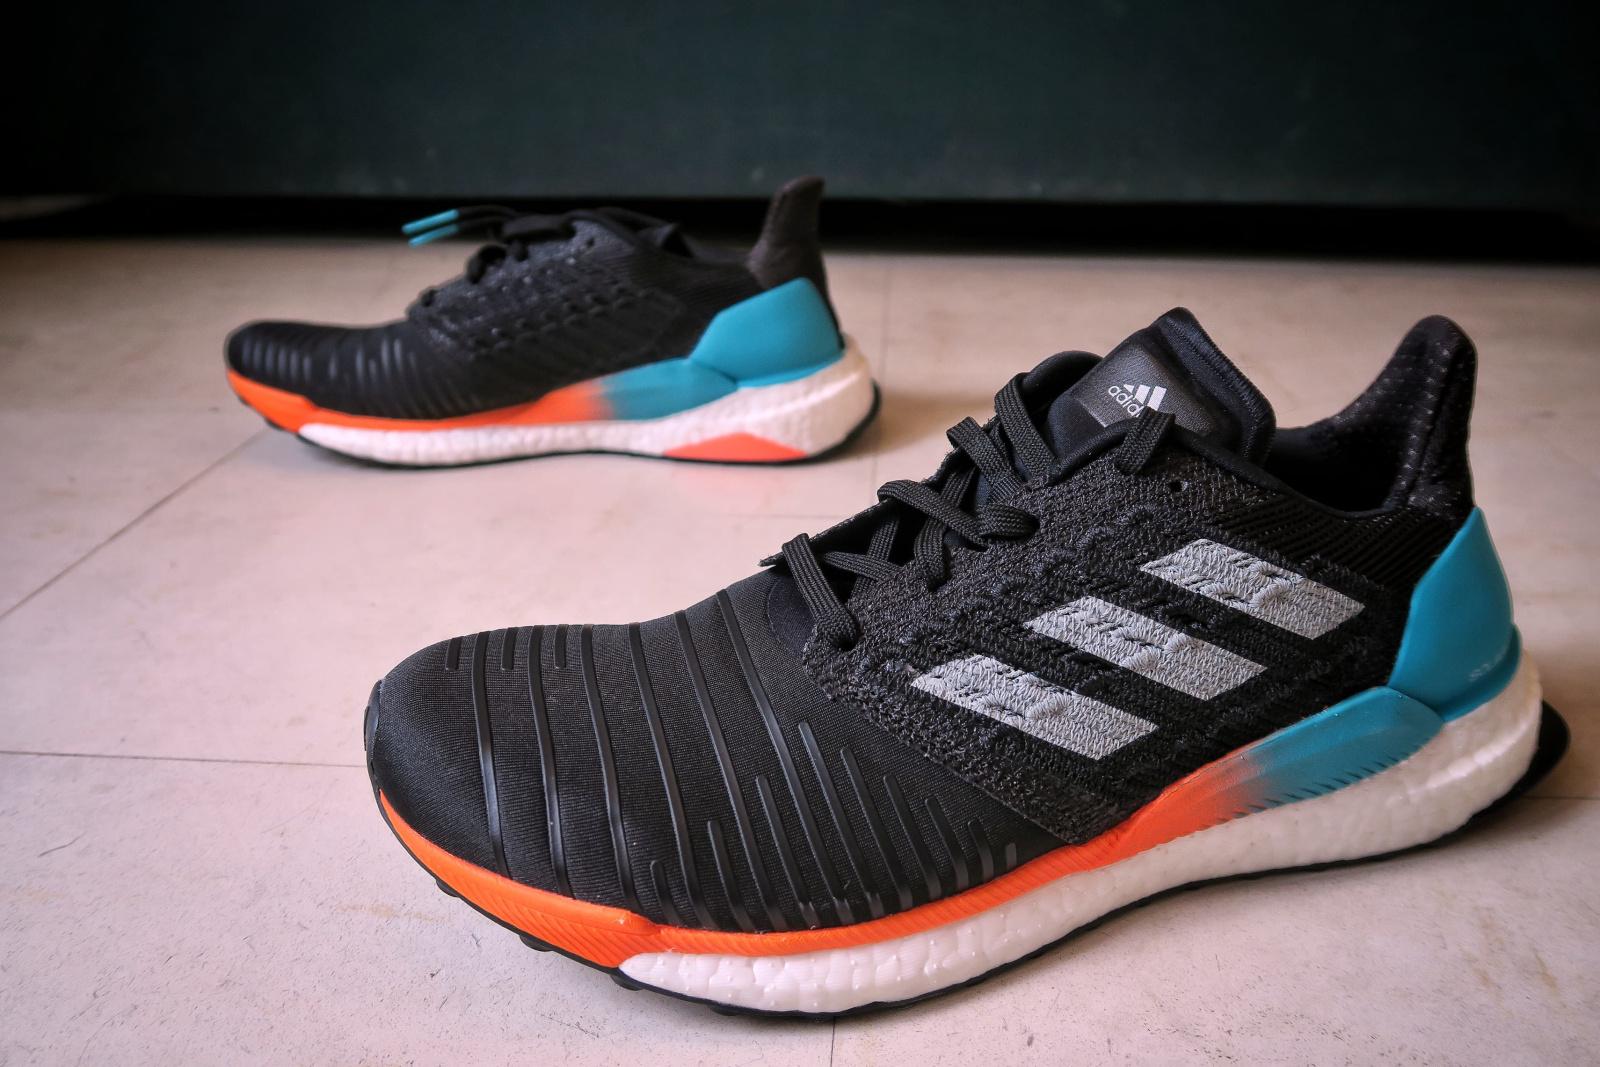 439f456aaaaa2 Test Adidas Solar Boost